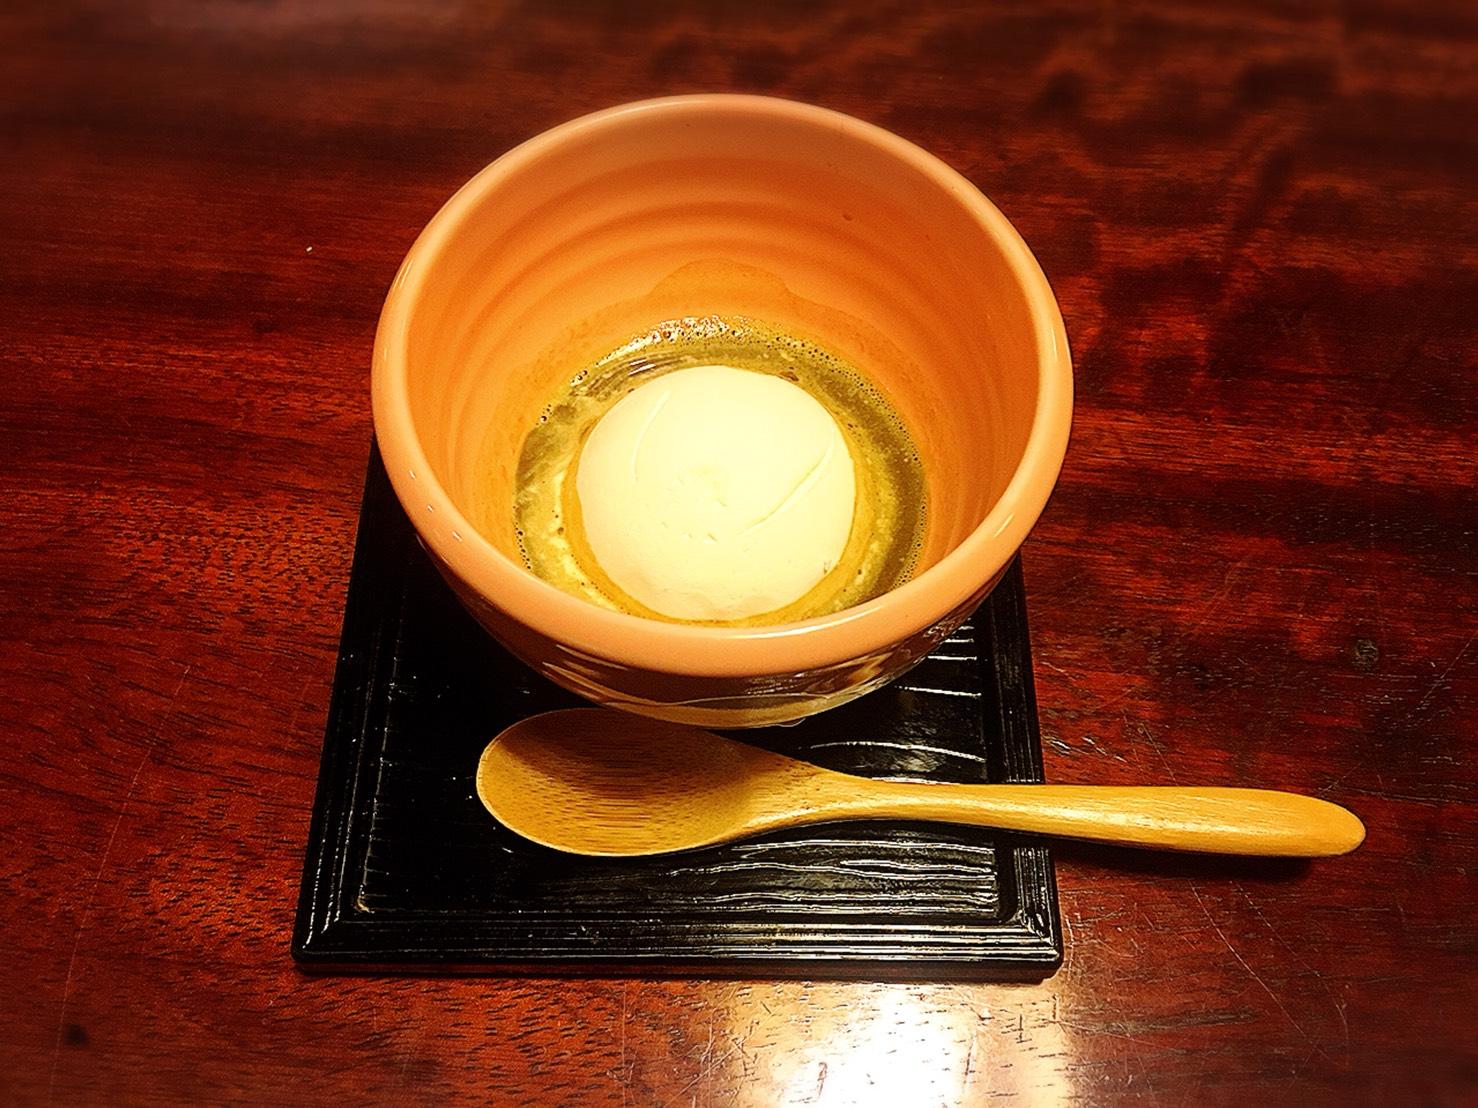 【新宿駅】贅の極み!蟹ざんまいで蟹に溺れる贅沢体験!豪華絢爛な「かに道楽」のかにしゃぶ会席冬景色のほうじ茶掛けアイス